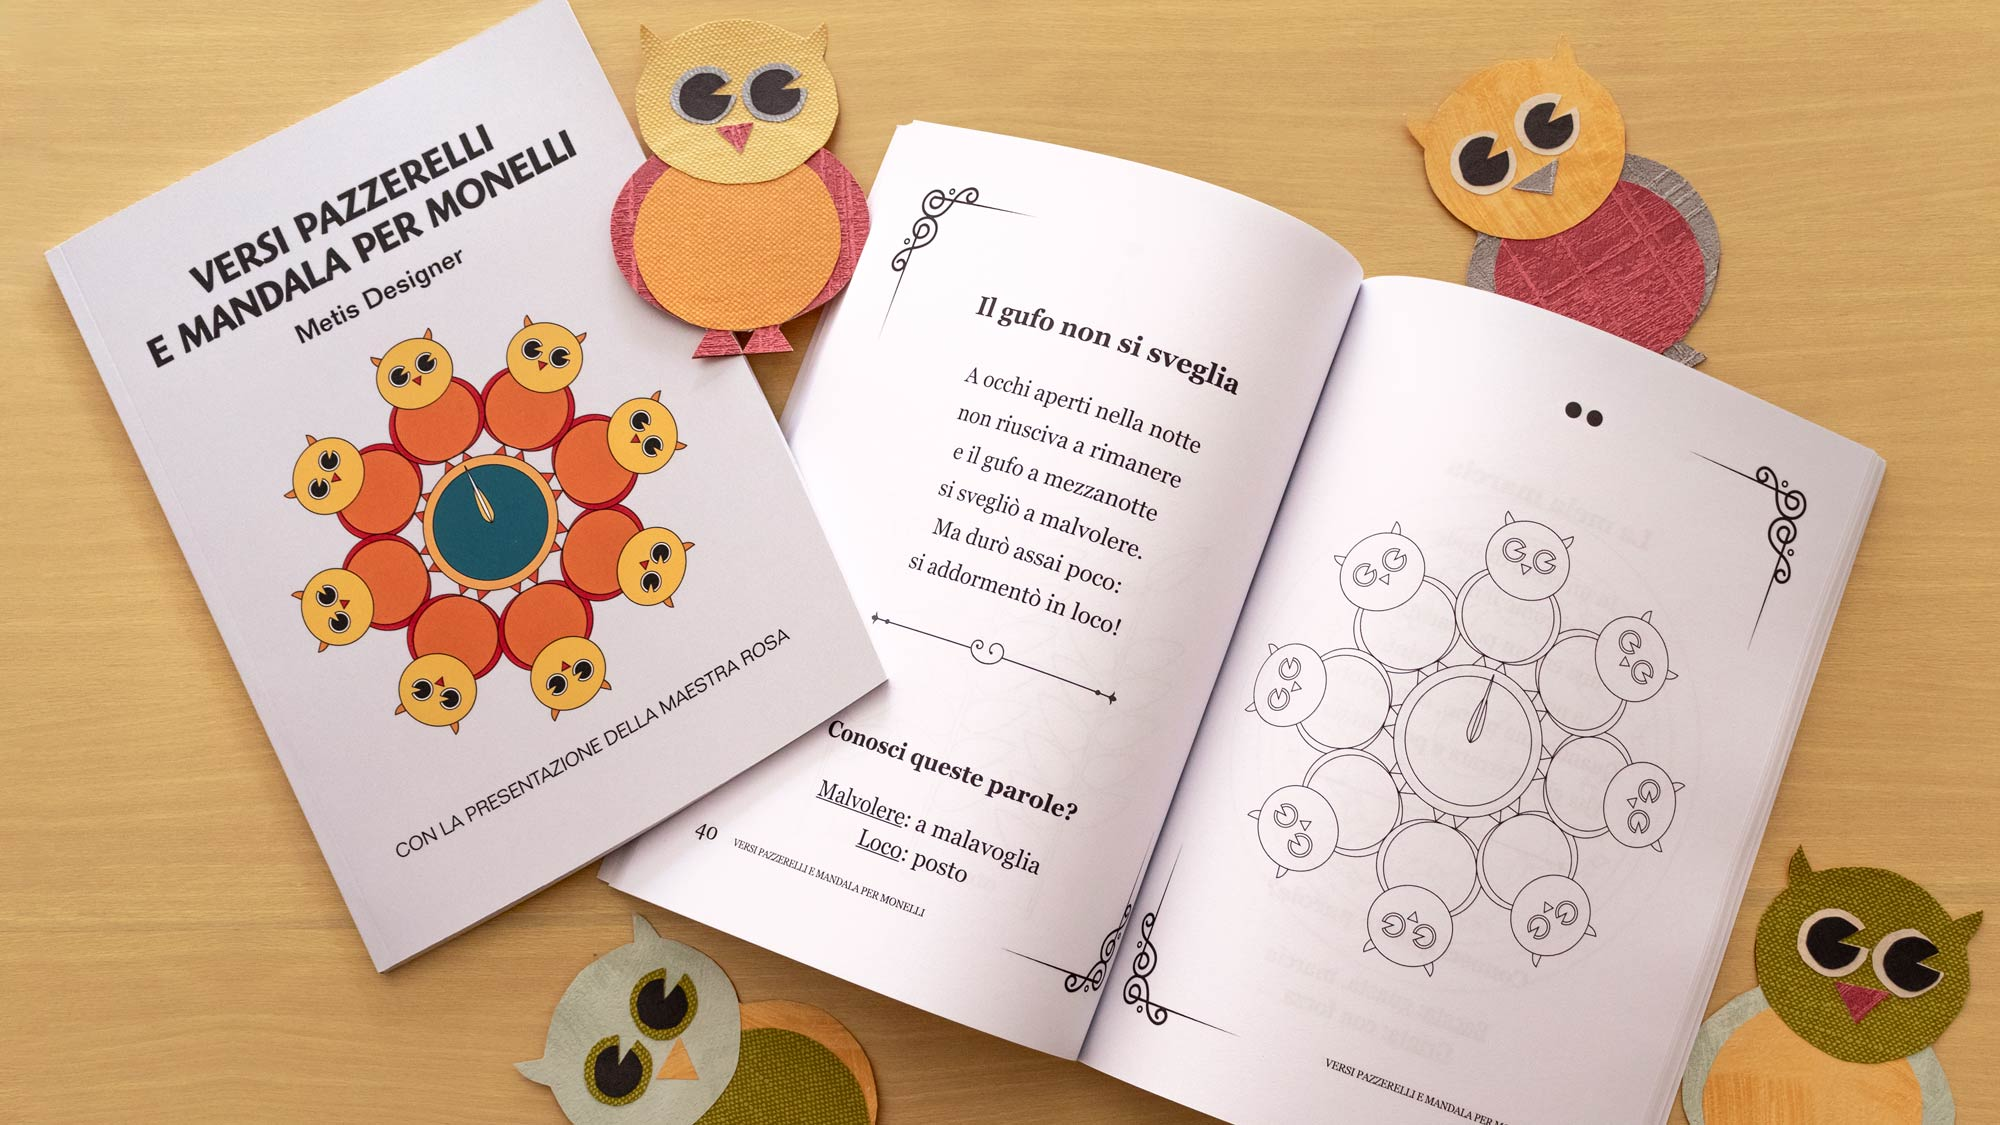 Idea regalo di Natale per bimbi: Versi pazzerelli e mandala per monelli